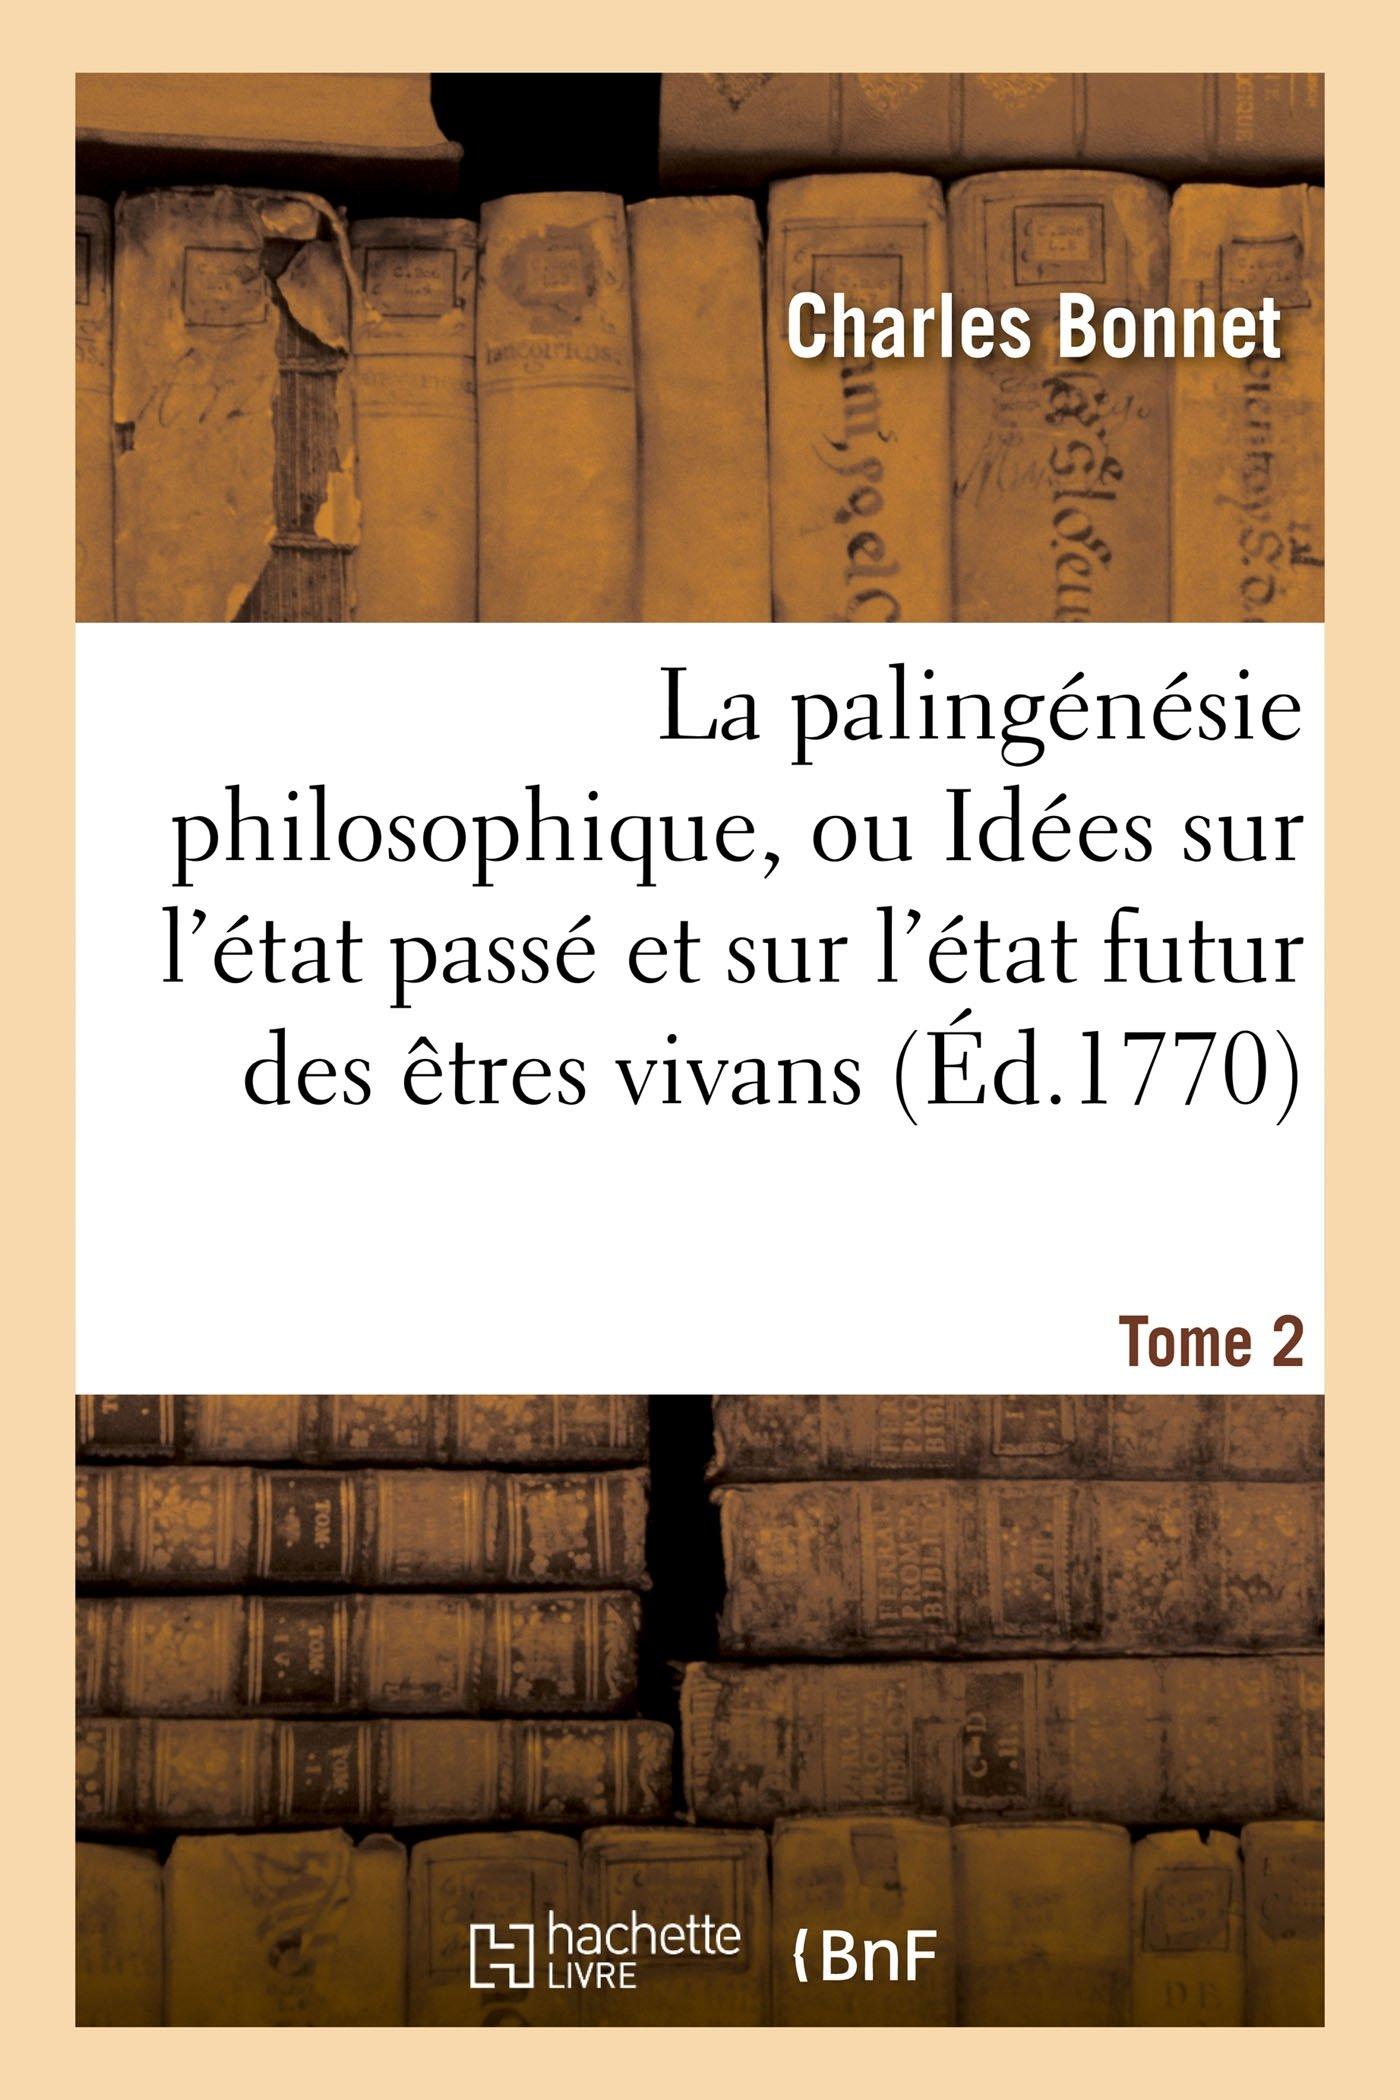 La Palingénésie Philosophique, Idées Sur l'État Passé Et Sur l'État Futur Des Ètres Vivans.Tome 2 (Philosophie) (French Edition) pdf epub